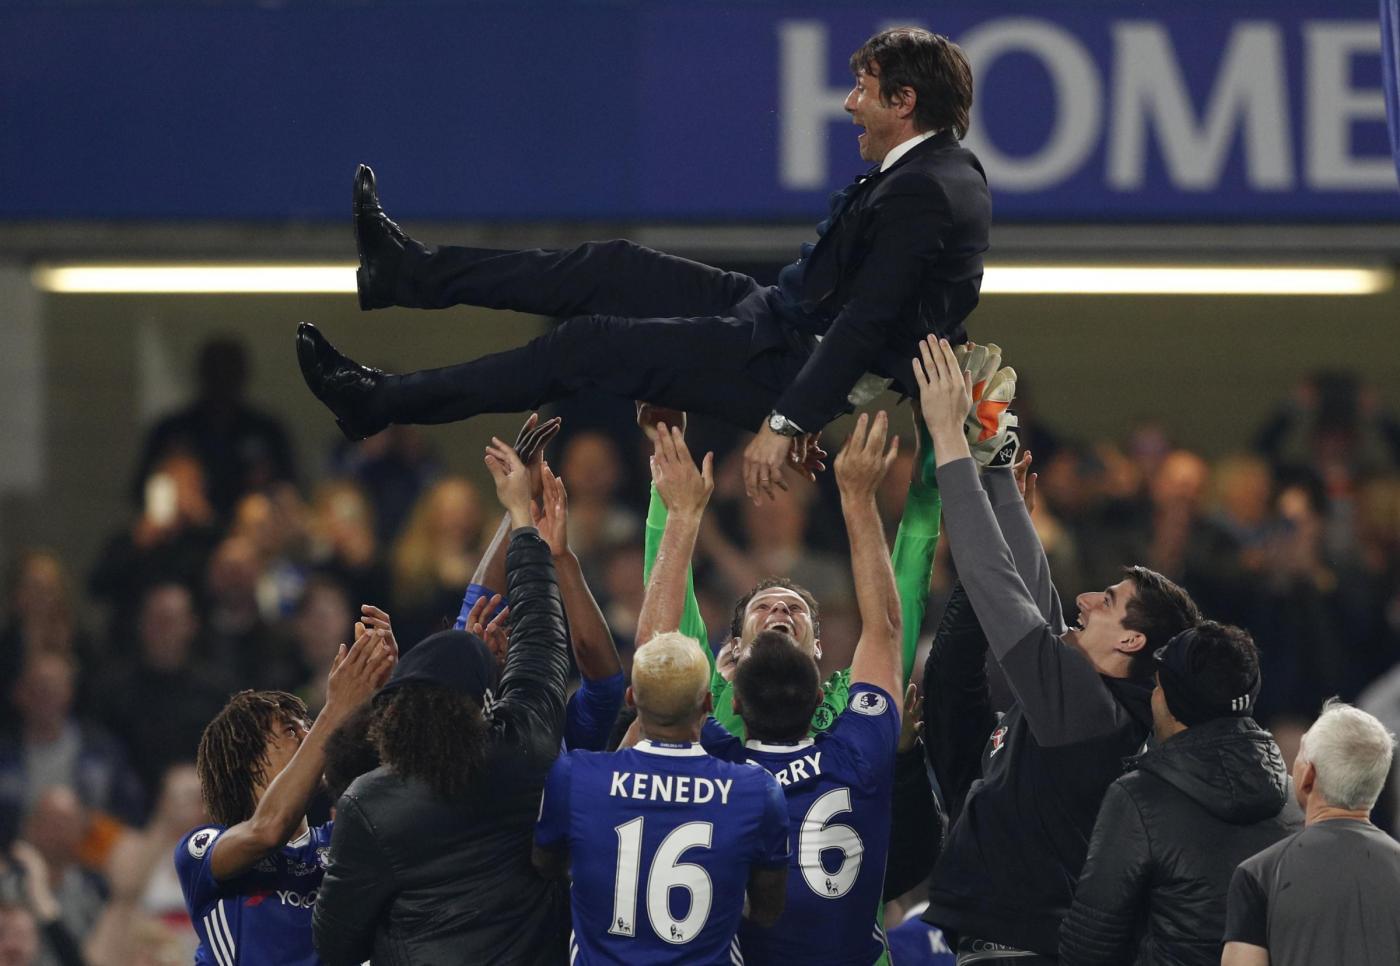 Inter, ecco perché Conte è lontanissimo: la strategia (vincente) del Chelsea